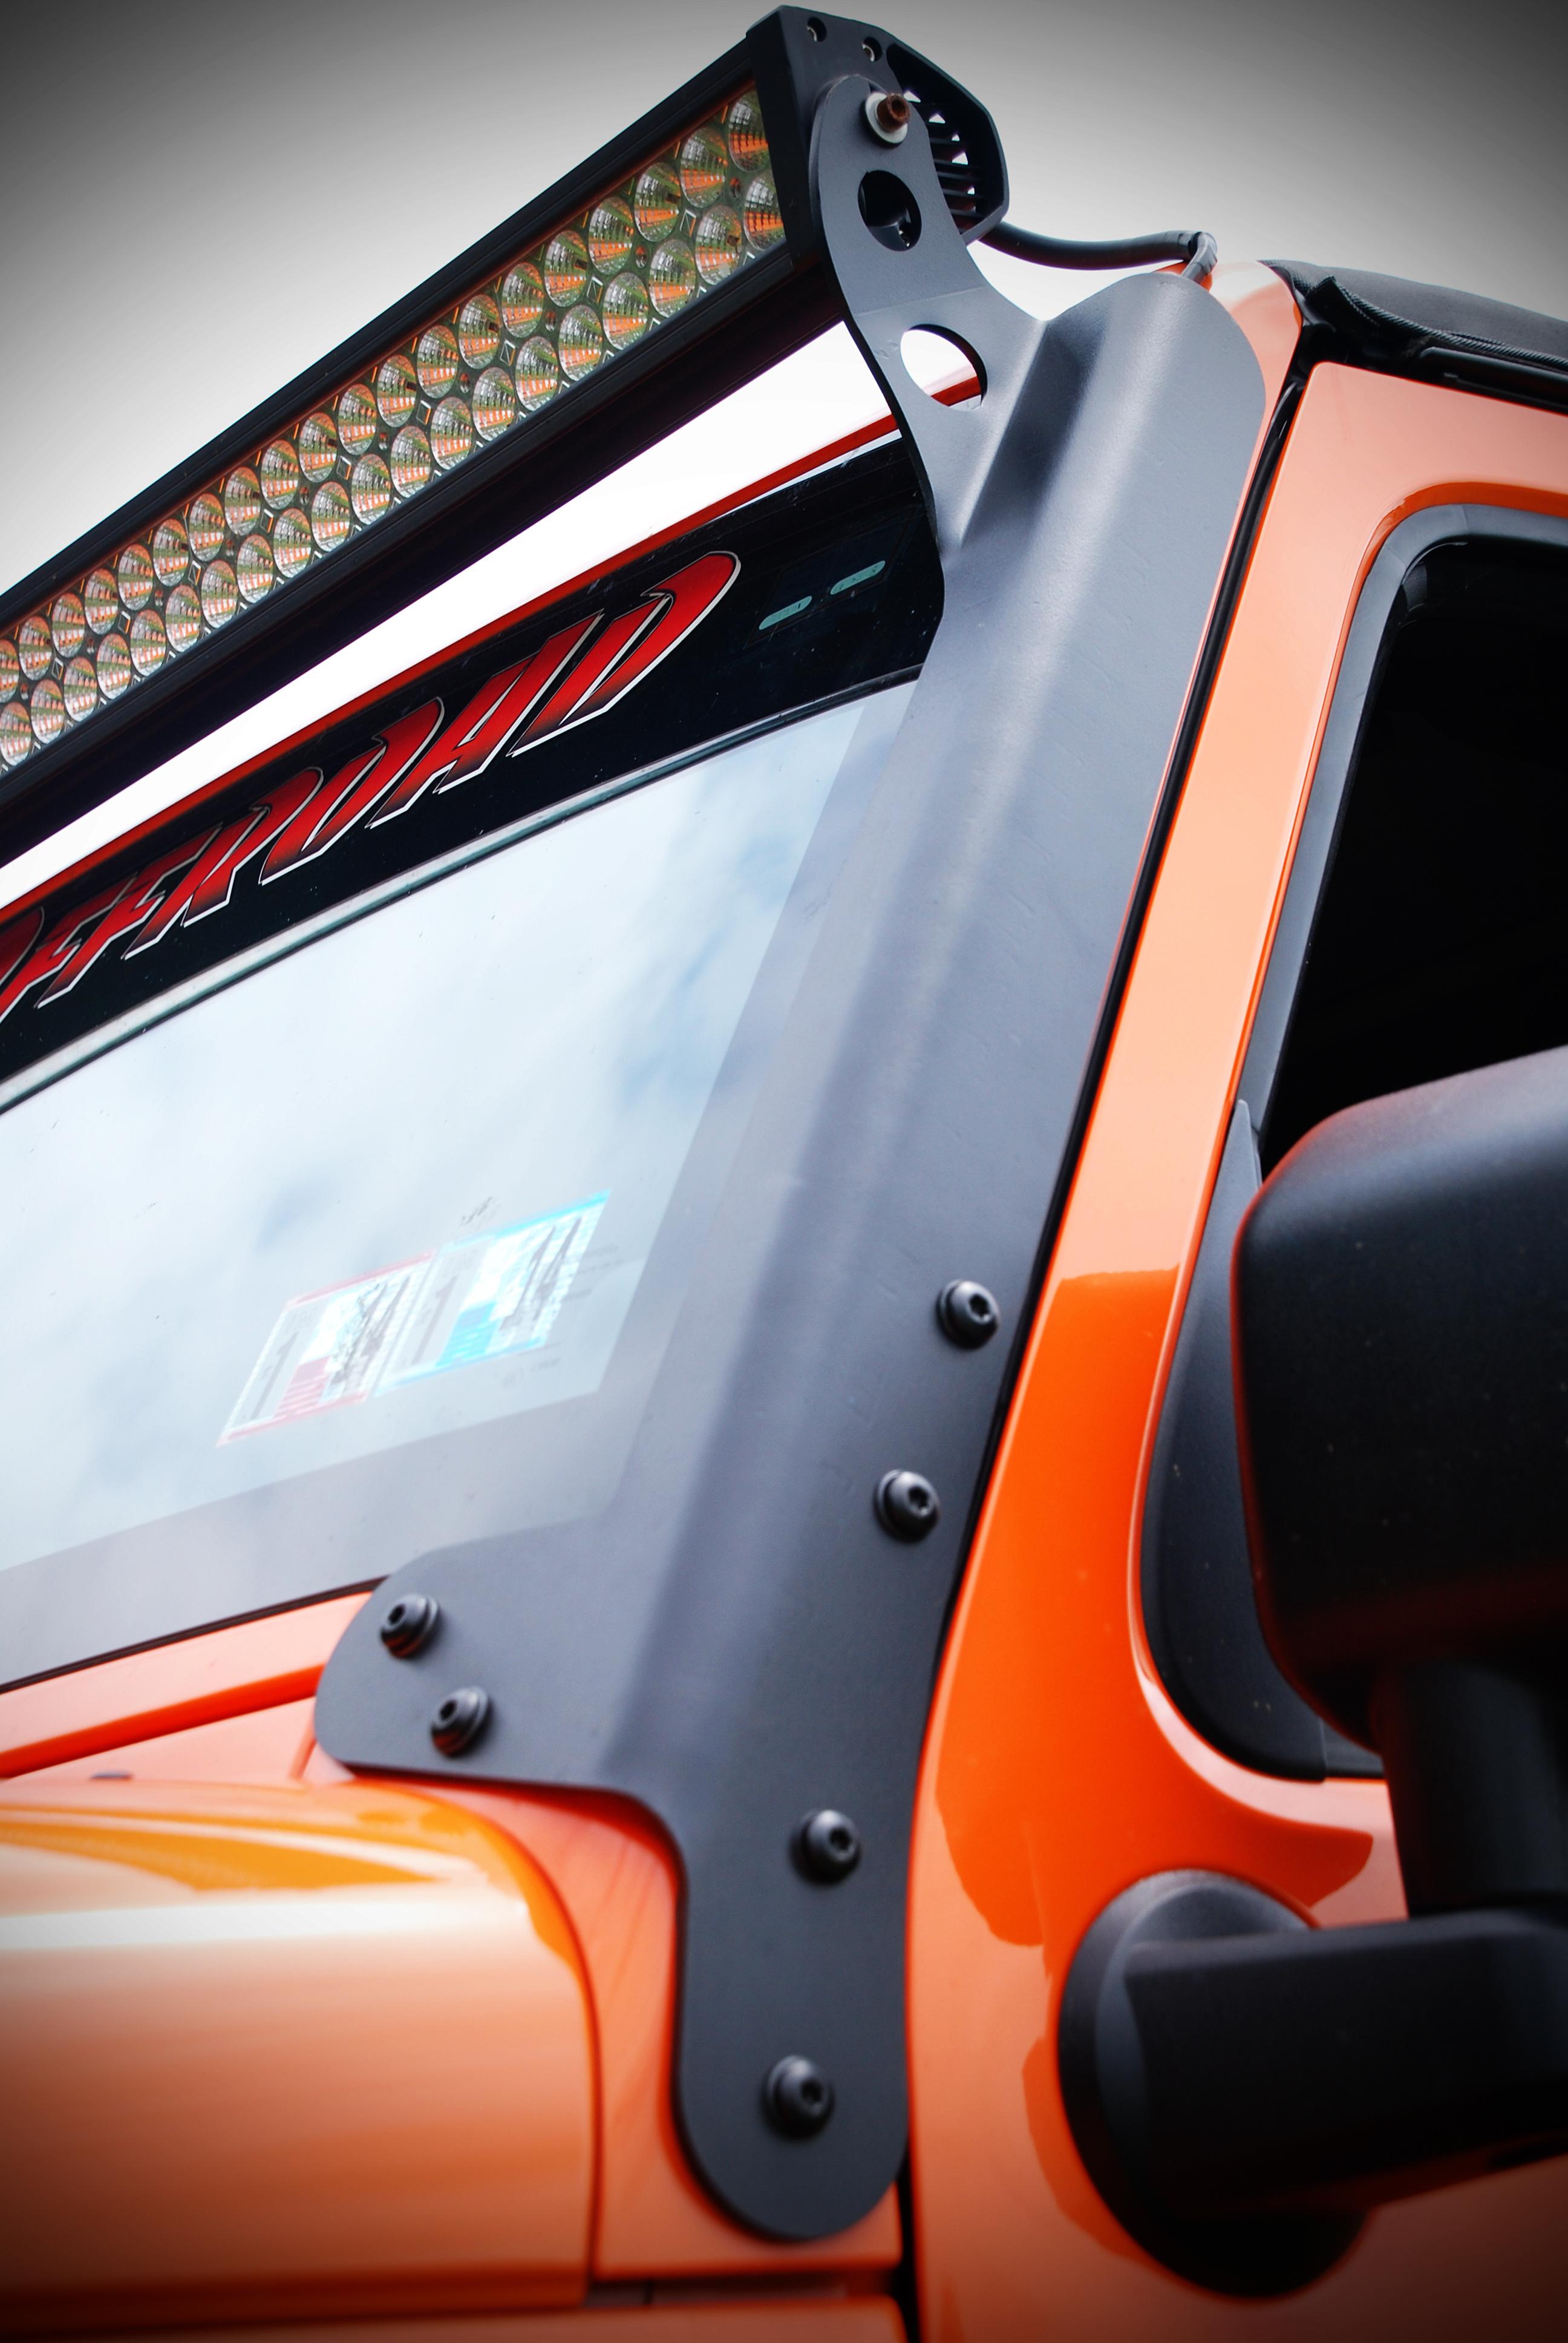 jeep jk led light bar mounting brackets hyline offroad. Black Bedroom Furniture Sets. Home Design Ideas